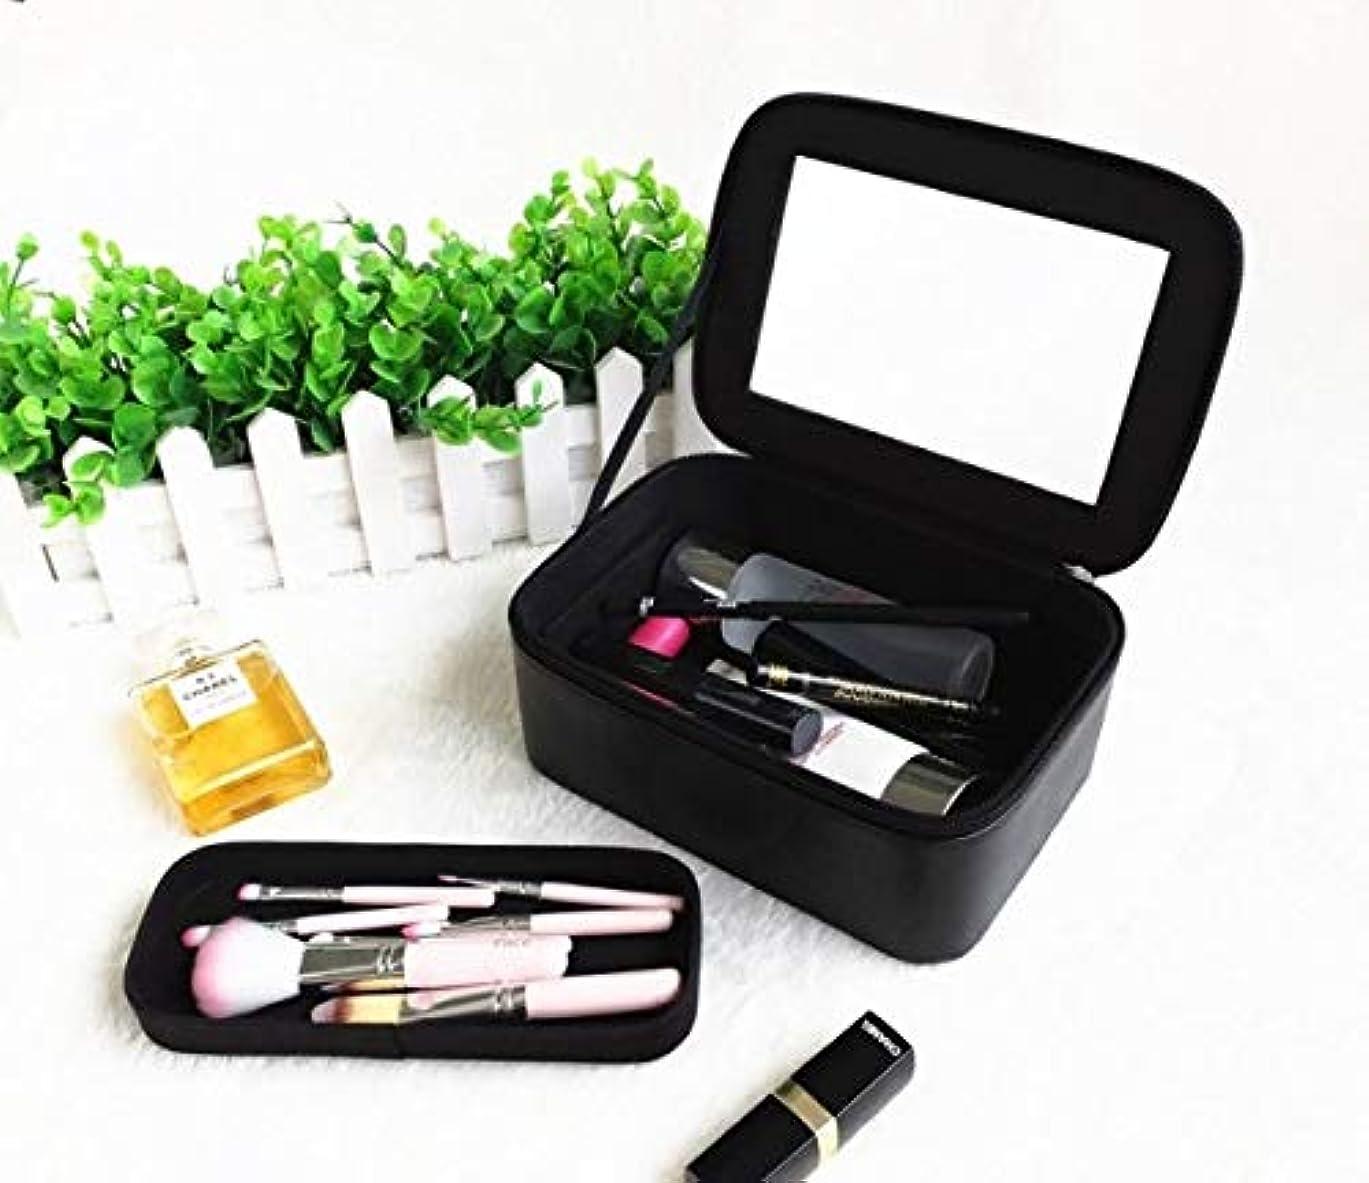 先根拠植物学者化粧箱、大容量防水ミラーポータブル化粧品ケース、ポータブルトラベル化粧品バッグ収納袋、美容ネイルジュエリー収納ボックス (Color : ブラック)